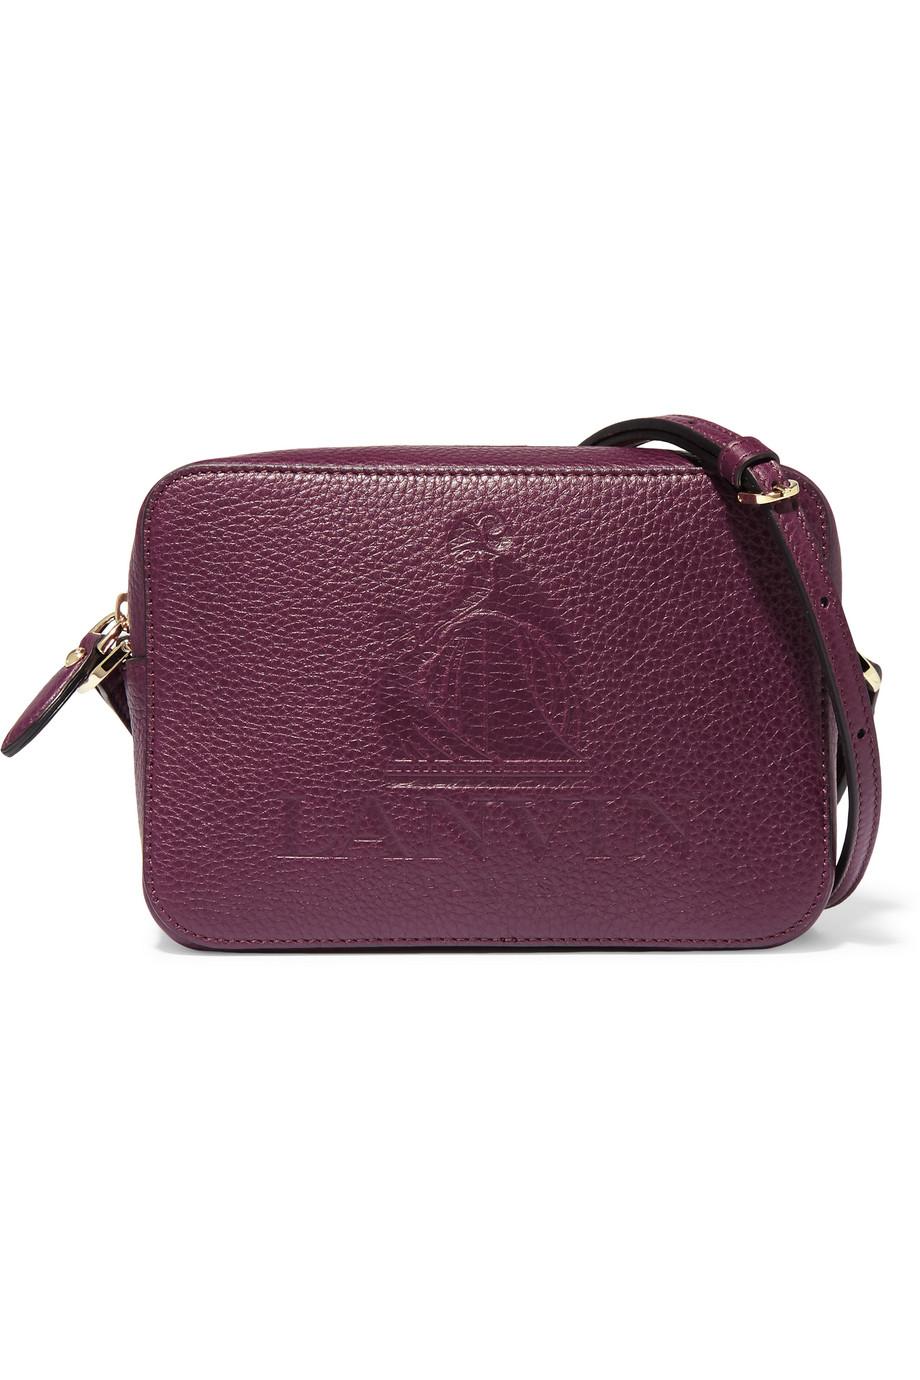 Lanvin Nomad Embossed Textured-Leather Shoulder Bag, Grape, Women's